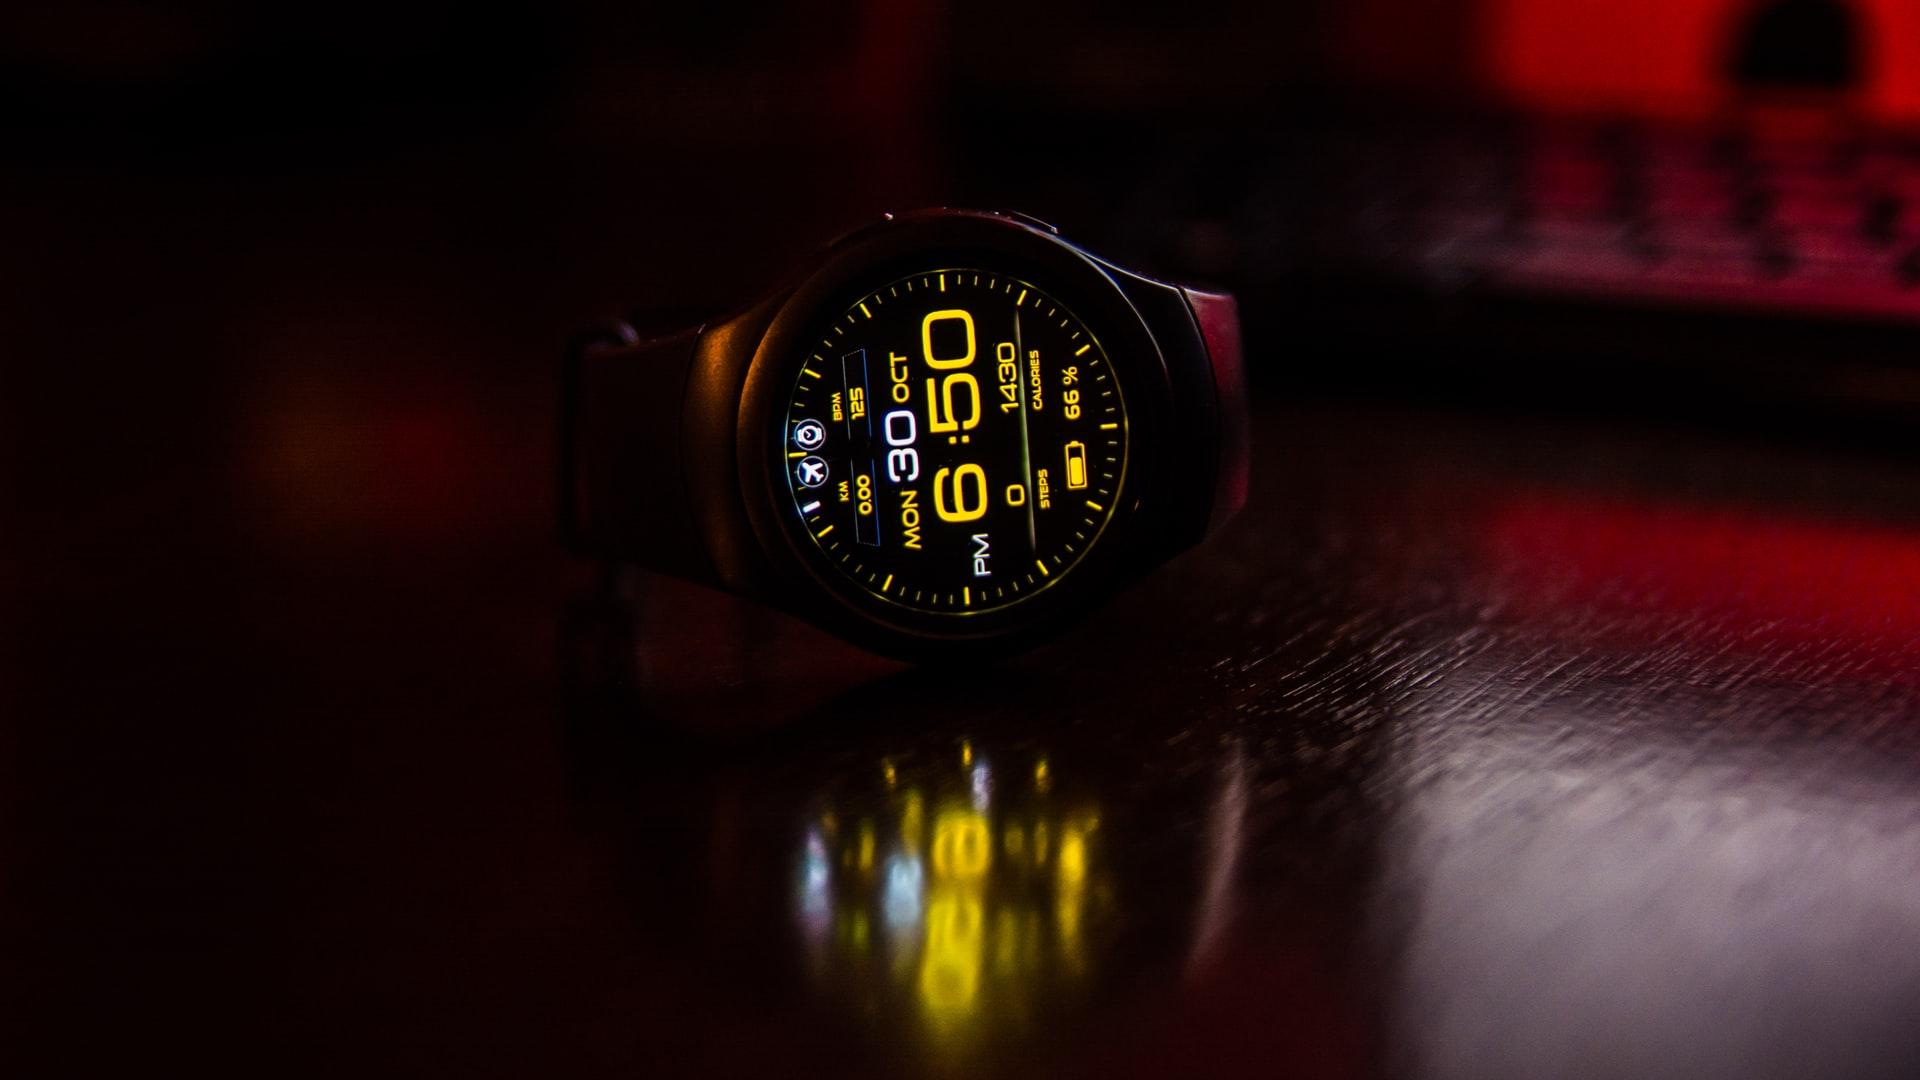 reloj con conteo